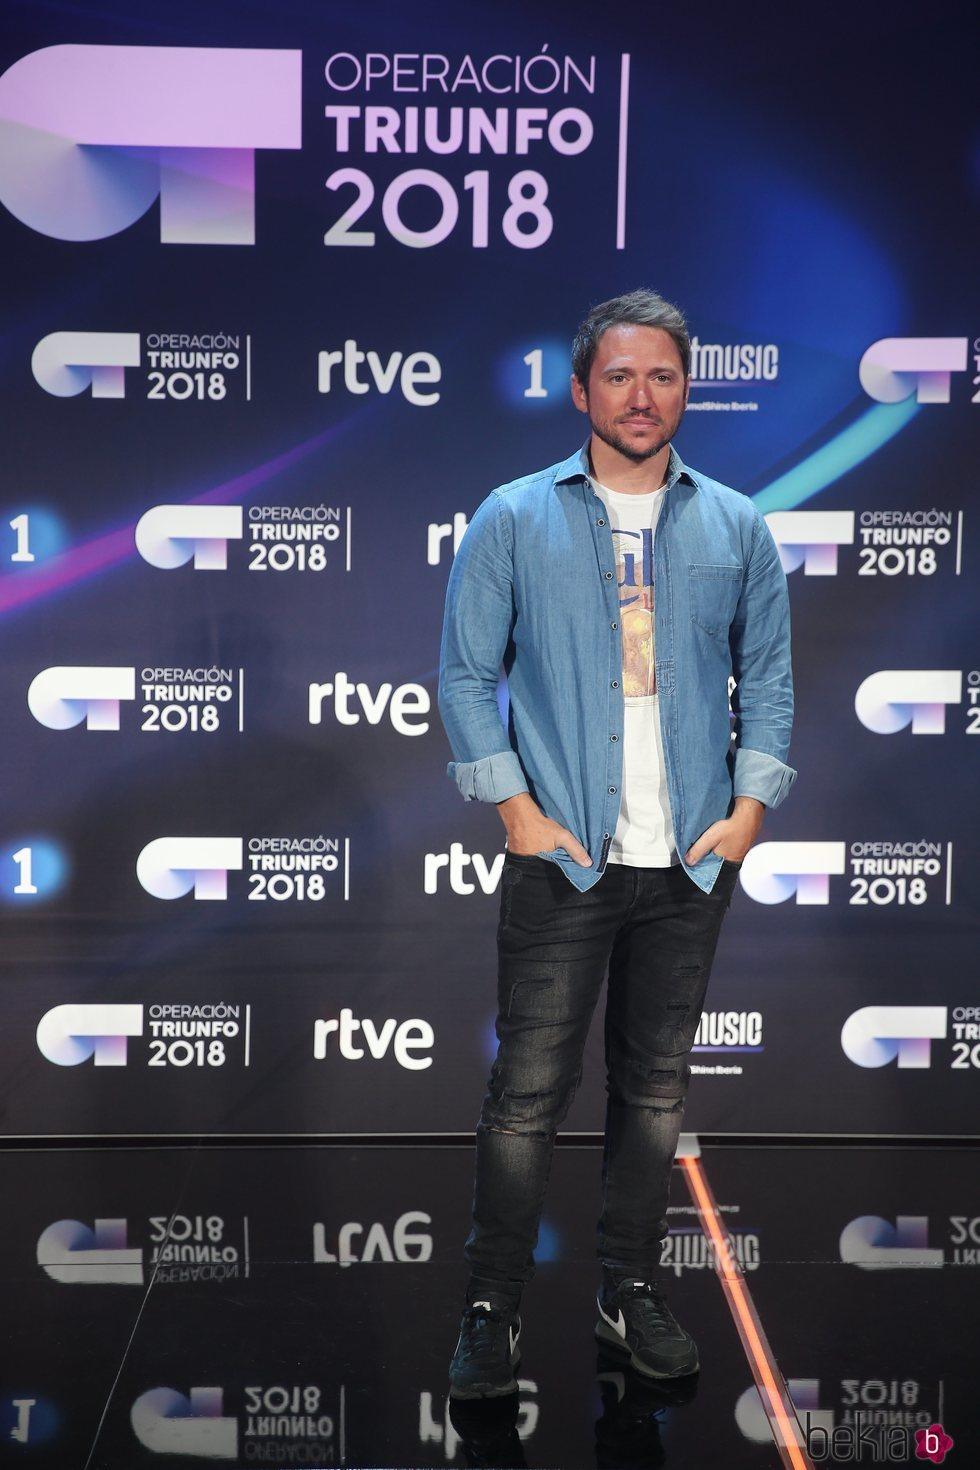 Manuel Martos en la presentación de 'OT 2018'